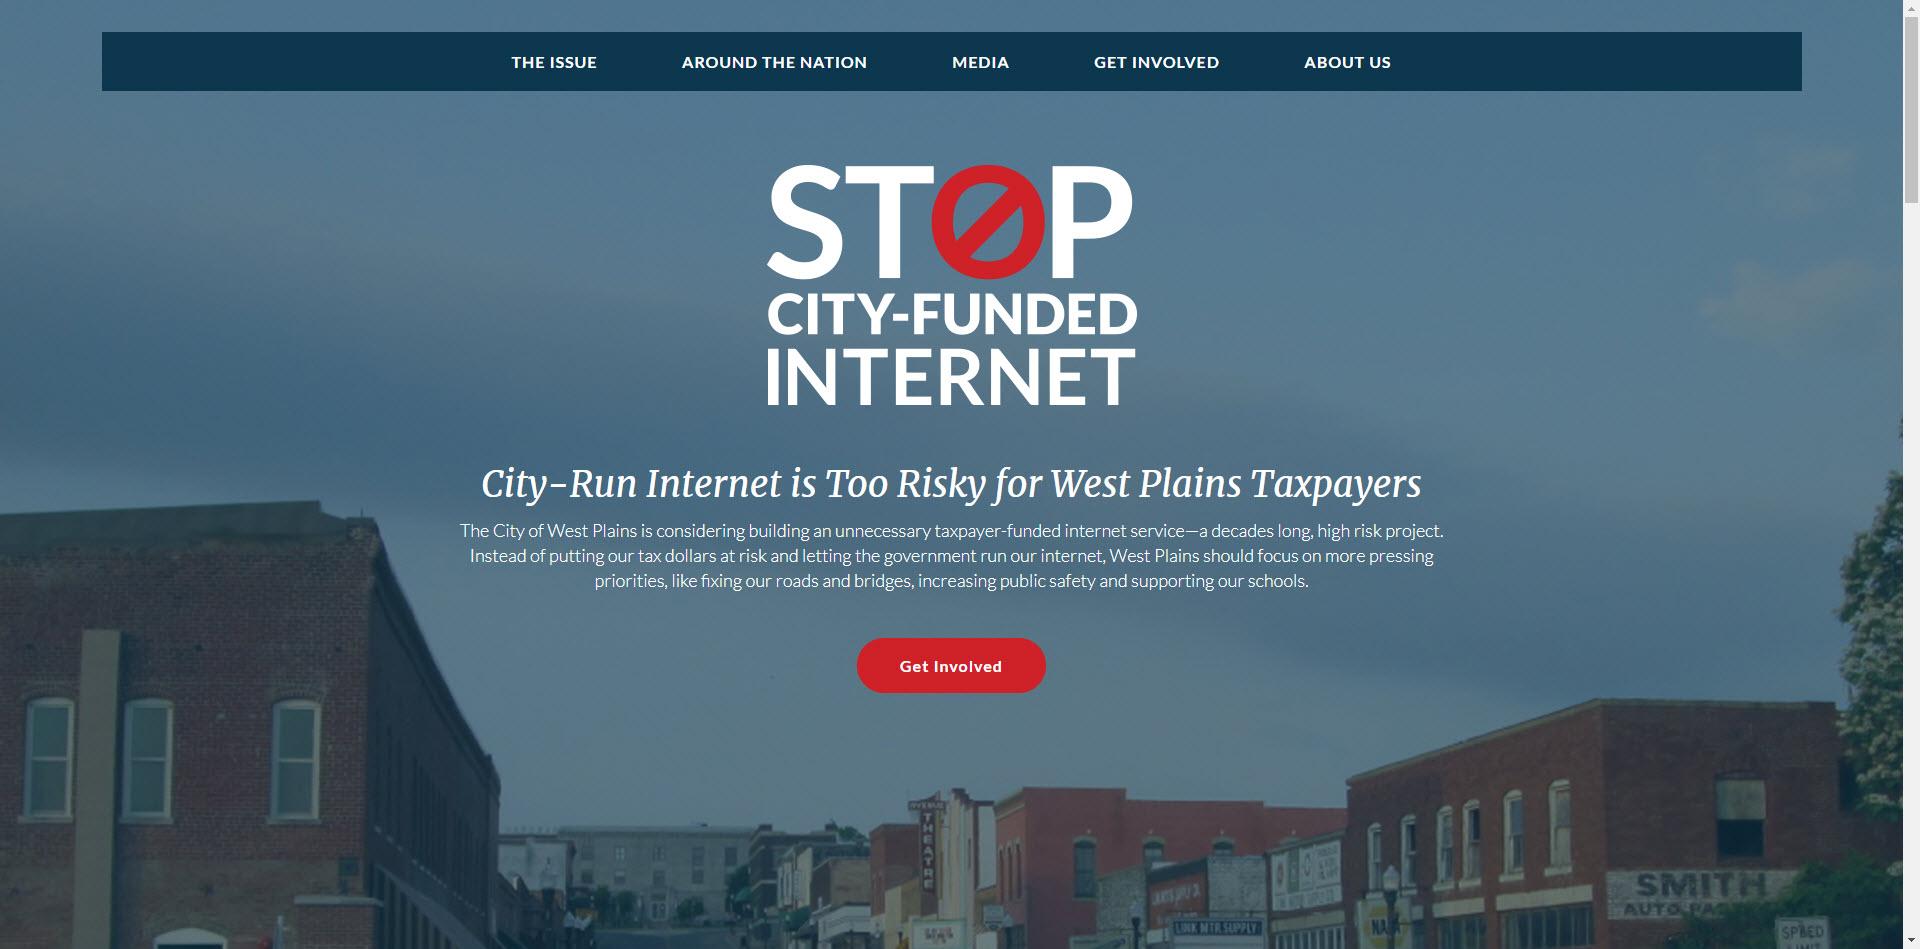 Image credit: StopCityFundedInternet.com